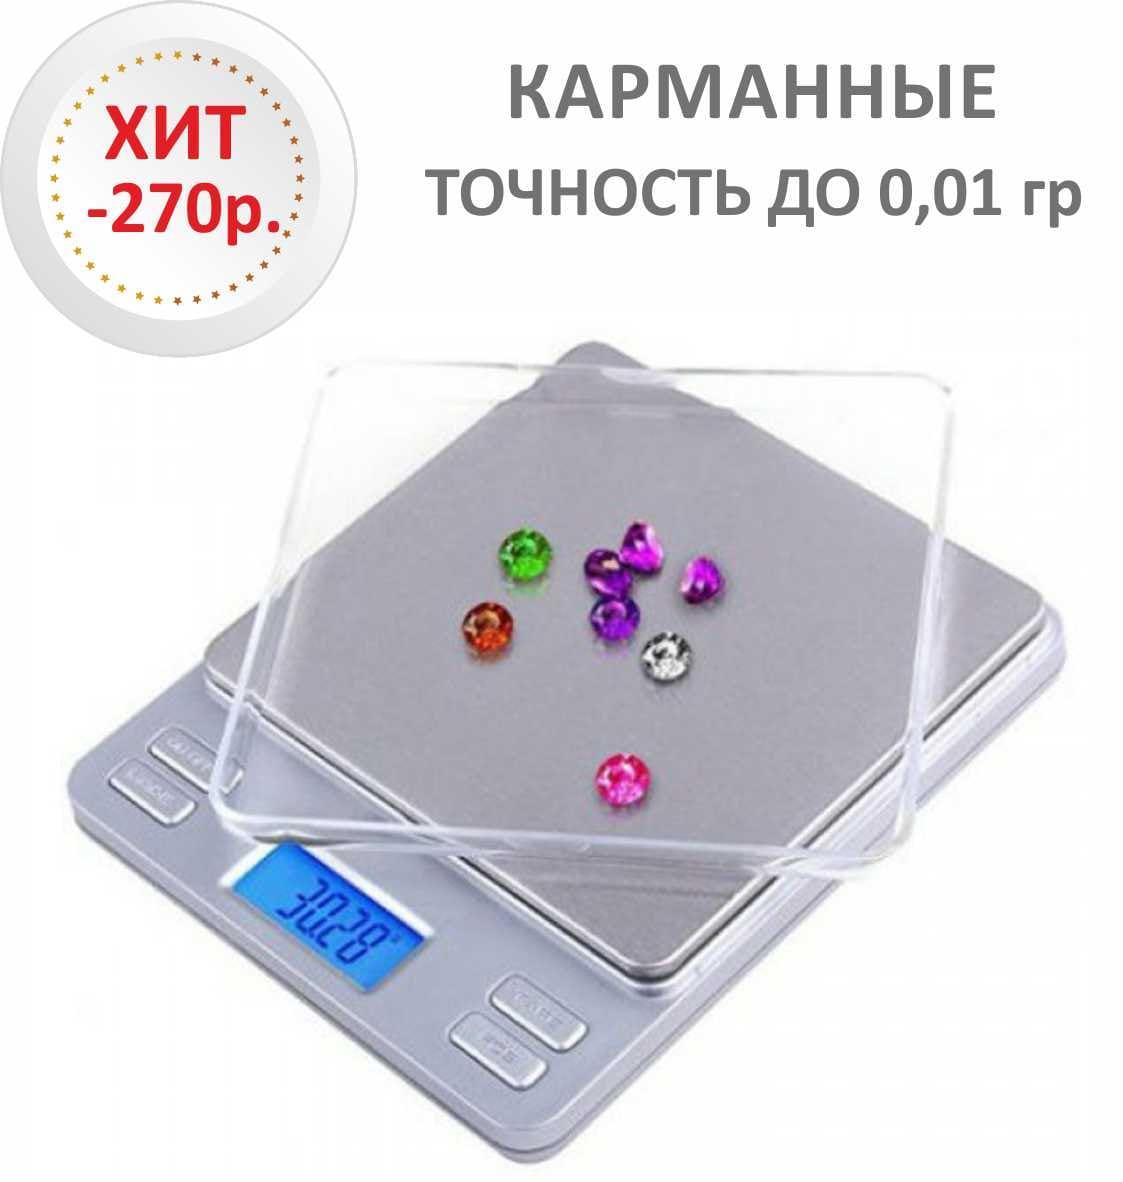 Весы ювелирные карманные/портативные M-ETP FLAT 200.01 LCD - вид спереди